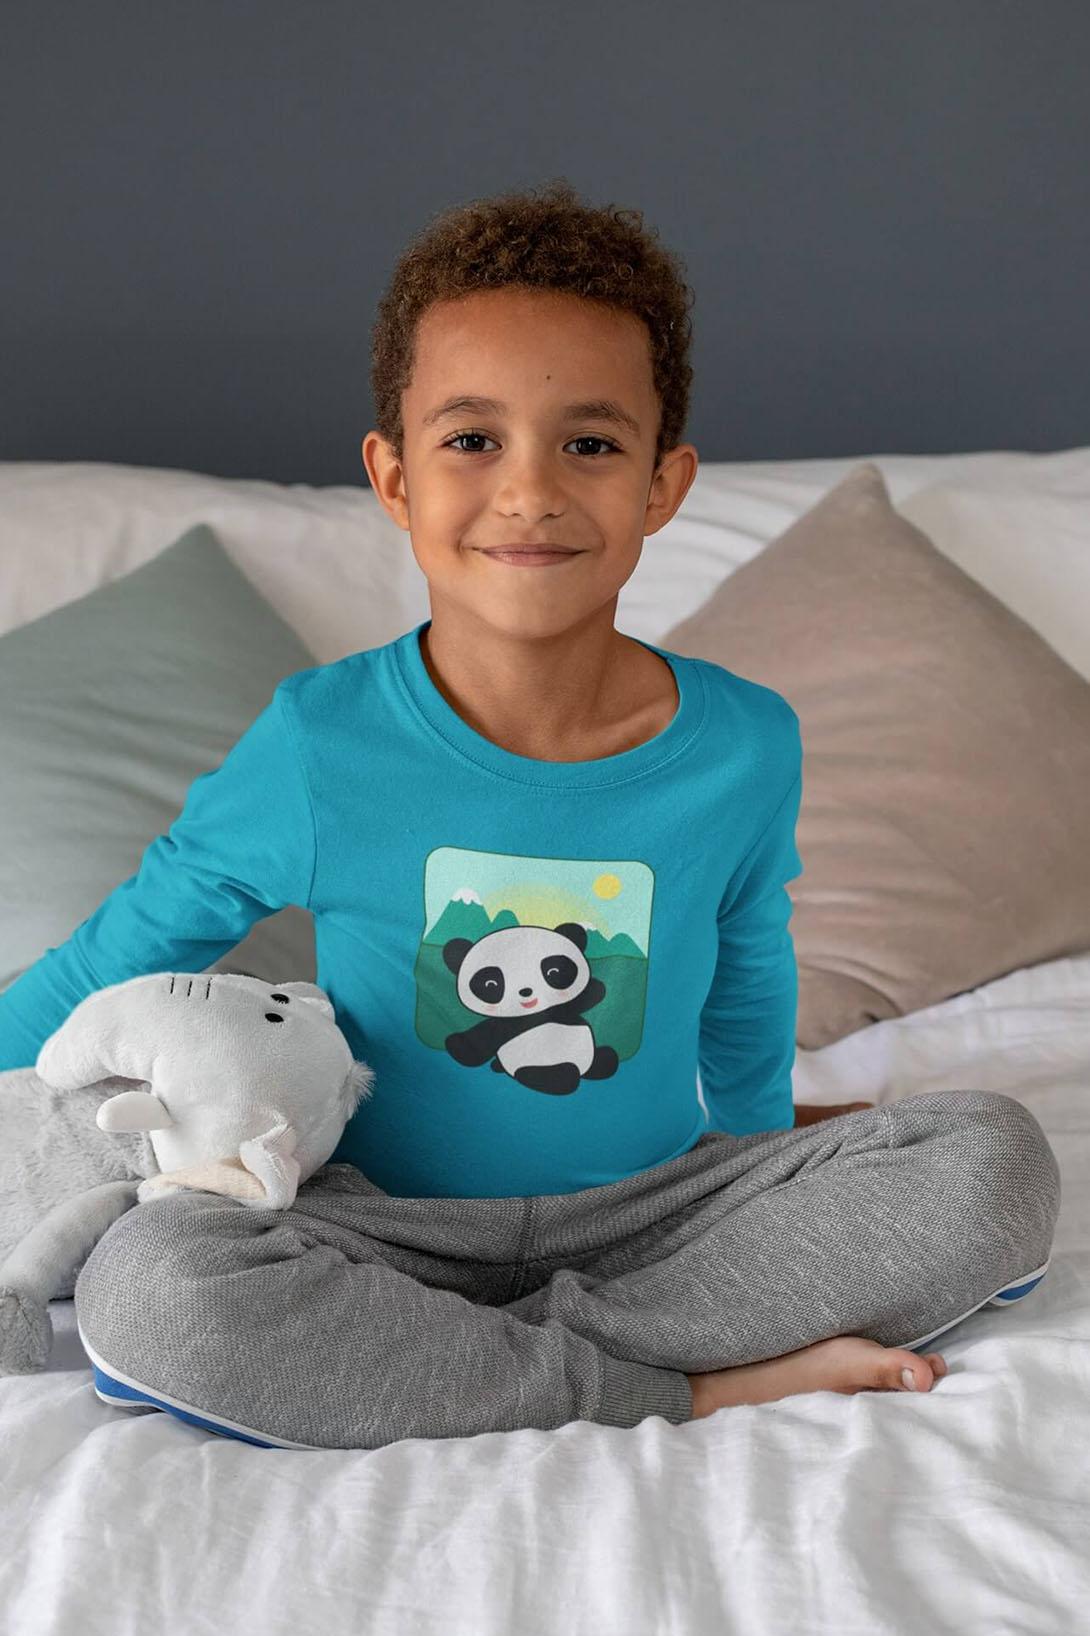 MMO Detské tričko s dlhým rukávom Panda Vyberte farbu:: Červená, Detská veľkosť: 158/12 rokov